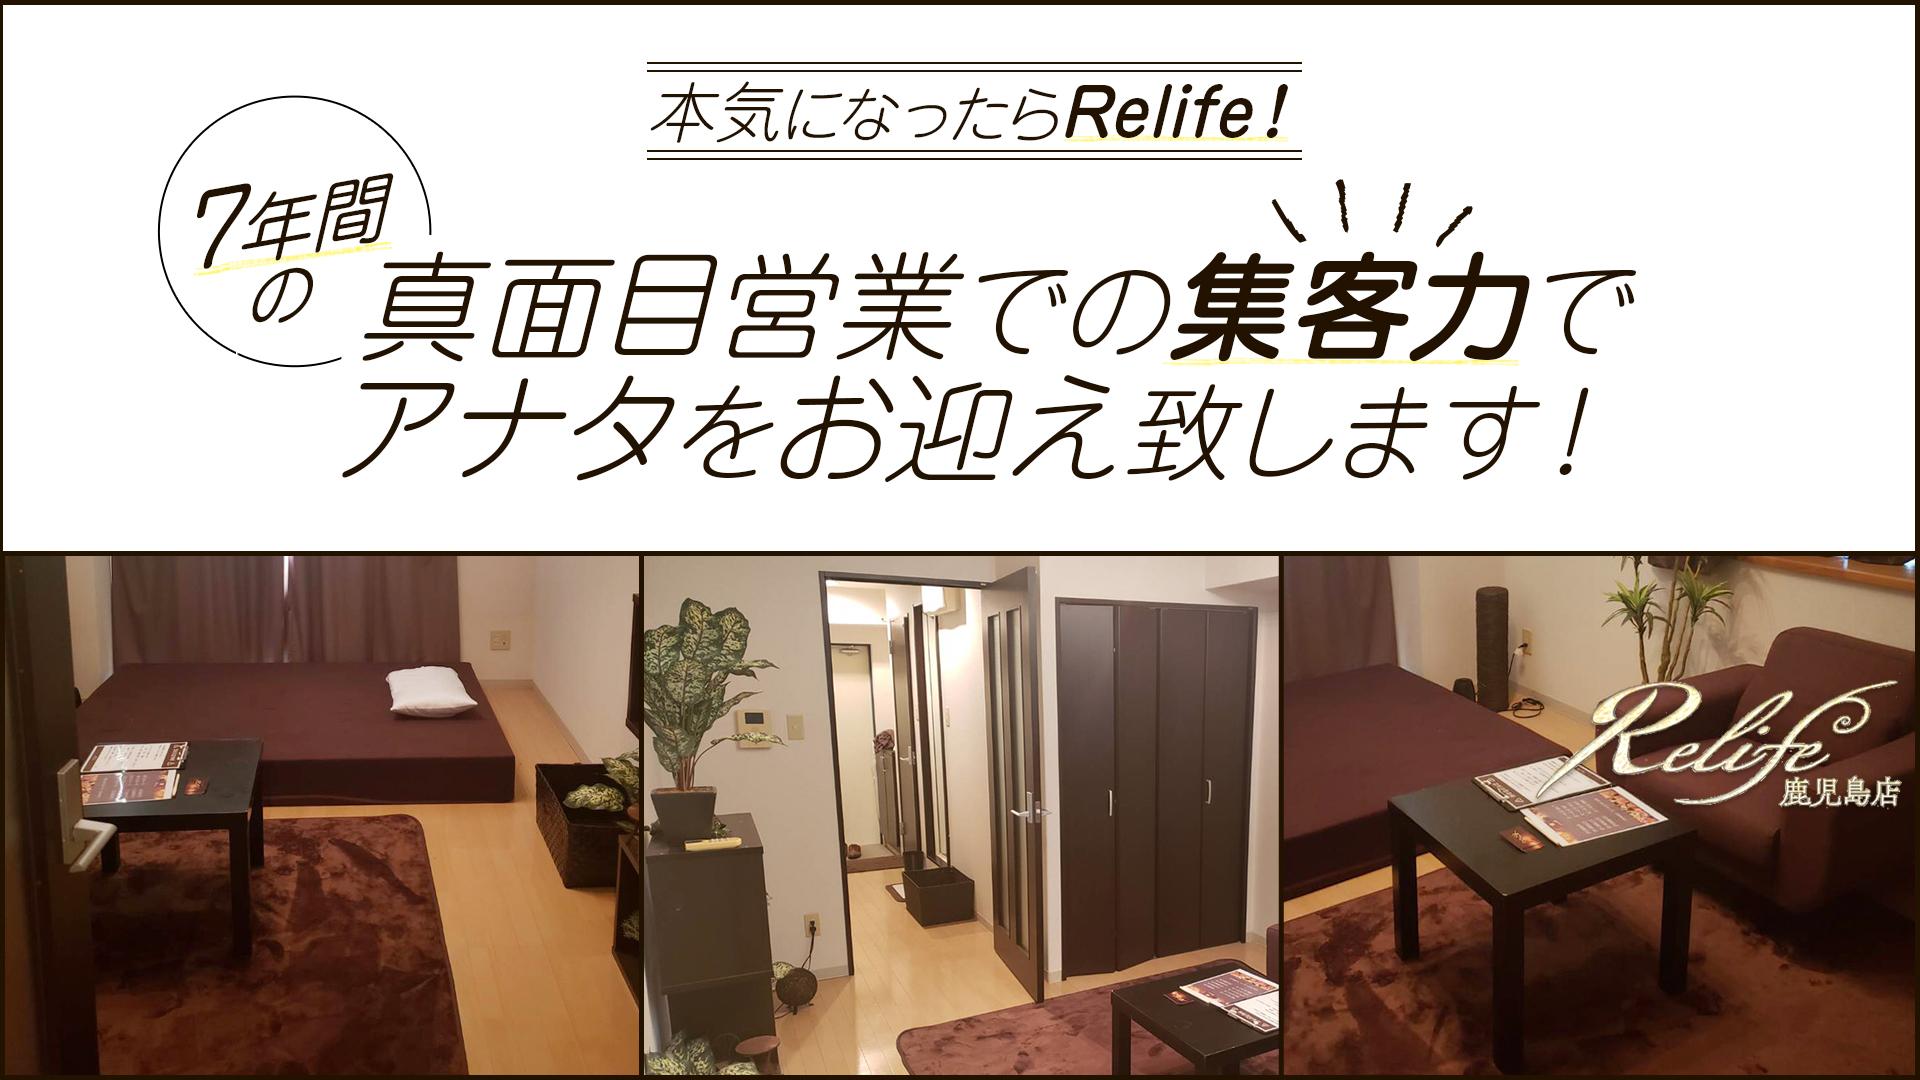 Relife鹿児島店の求人画像